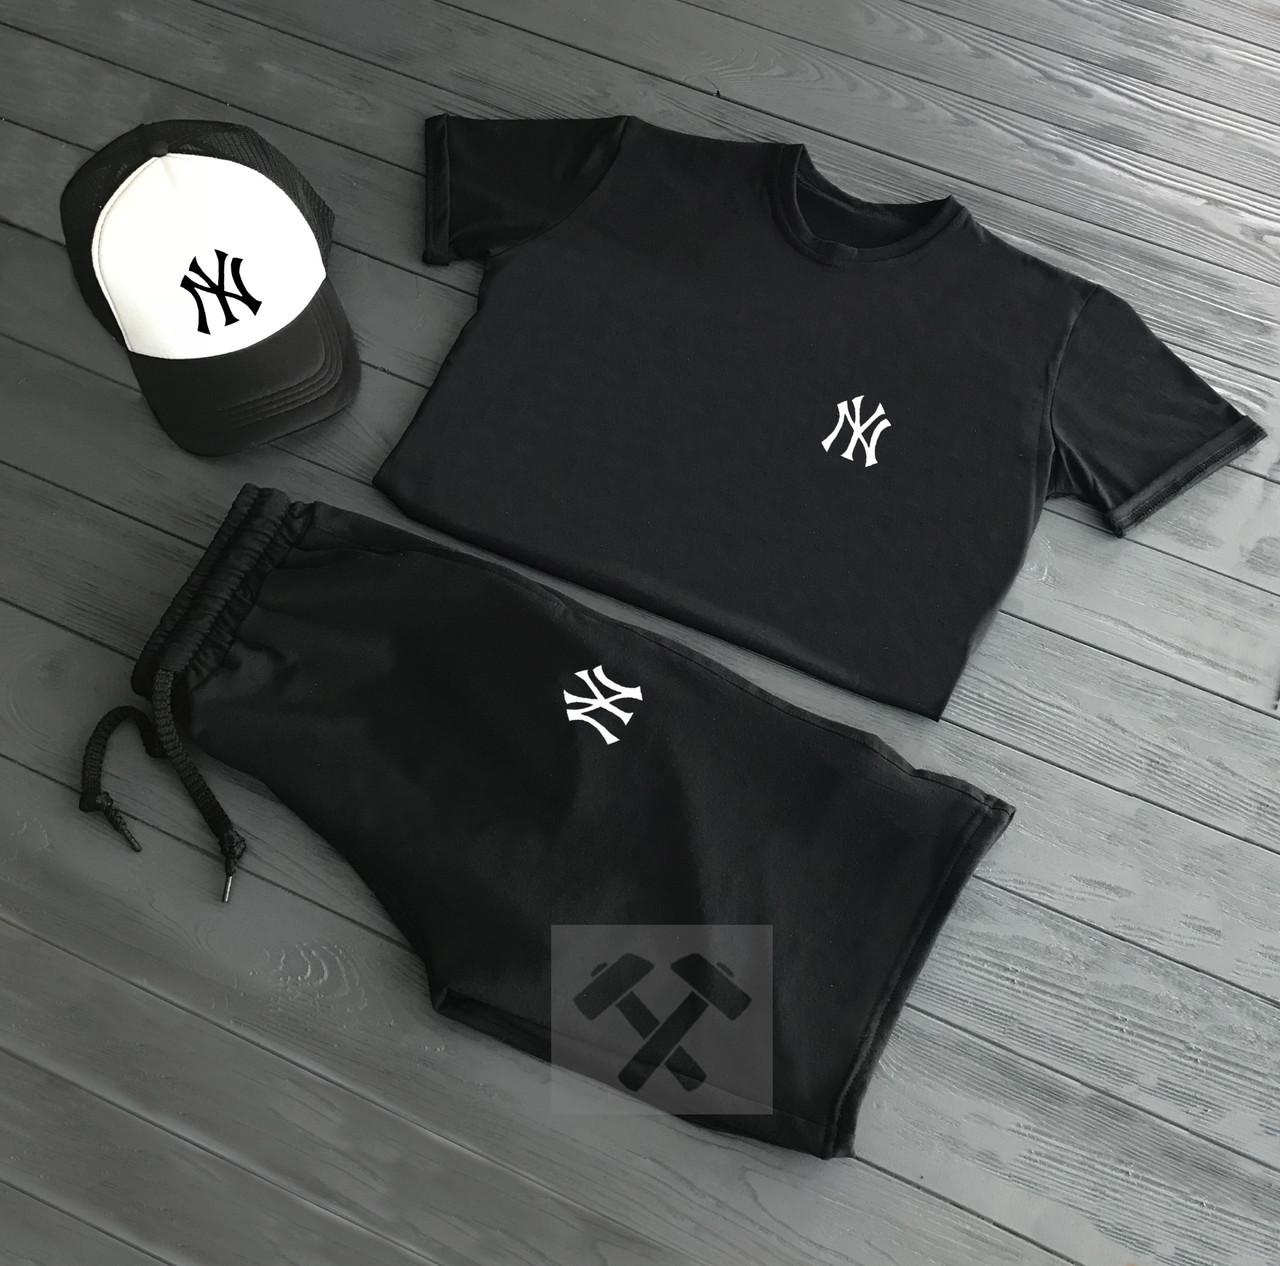 Комплект тройка кепка шорты и футболка Нью Йорк, для мужчин